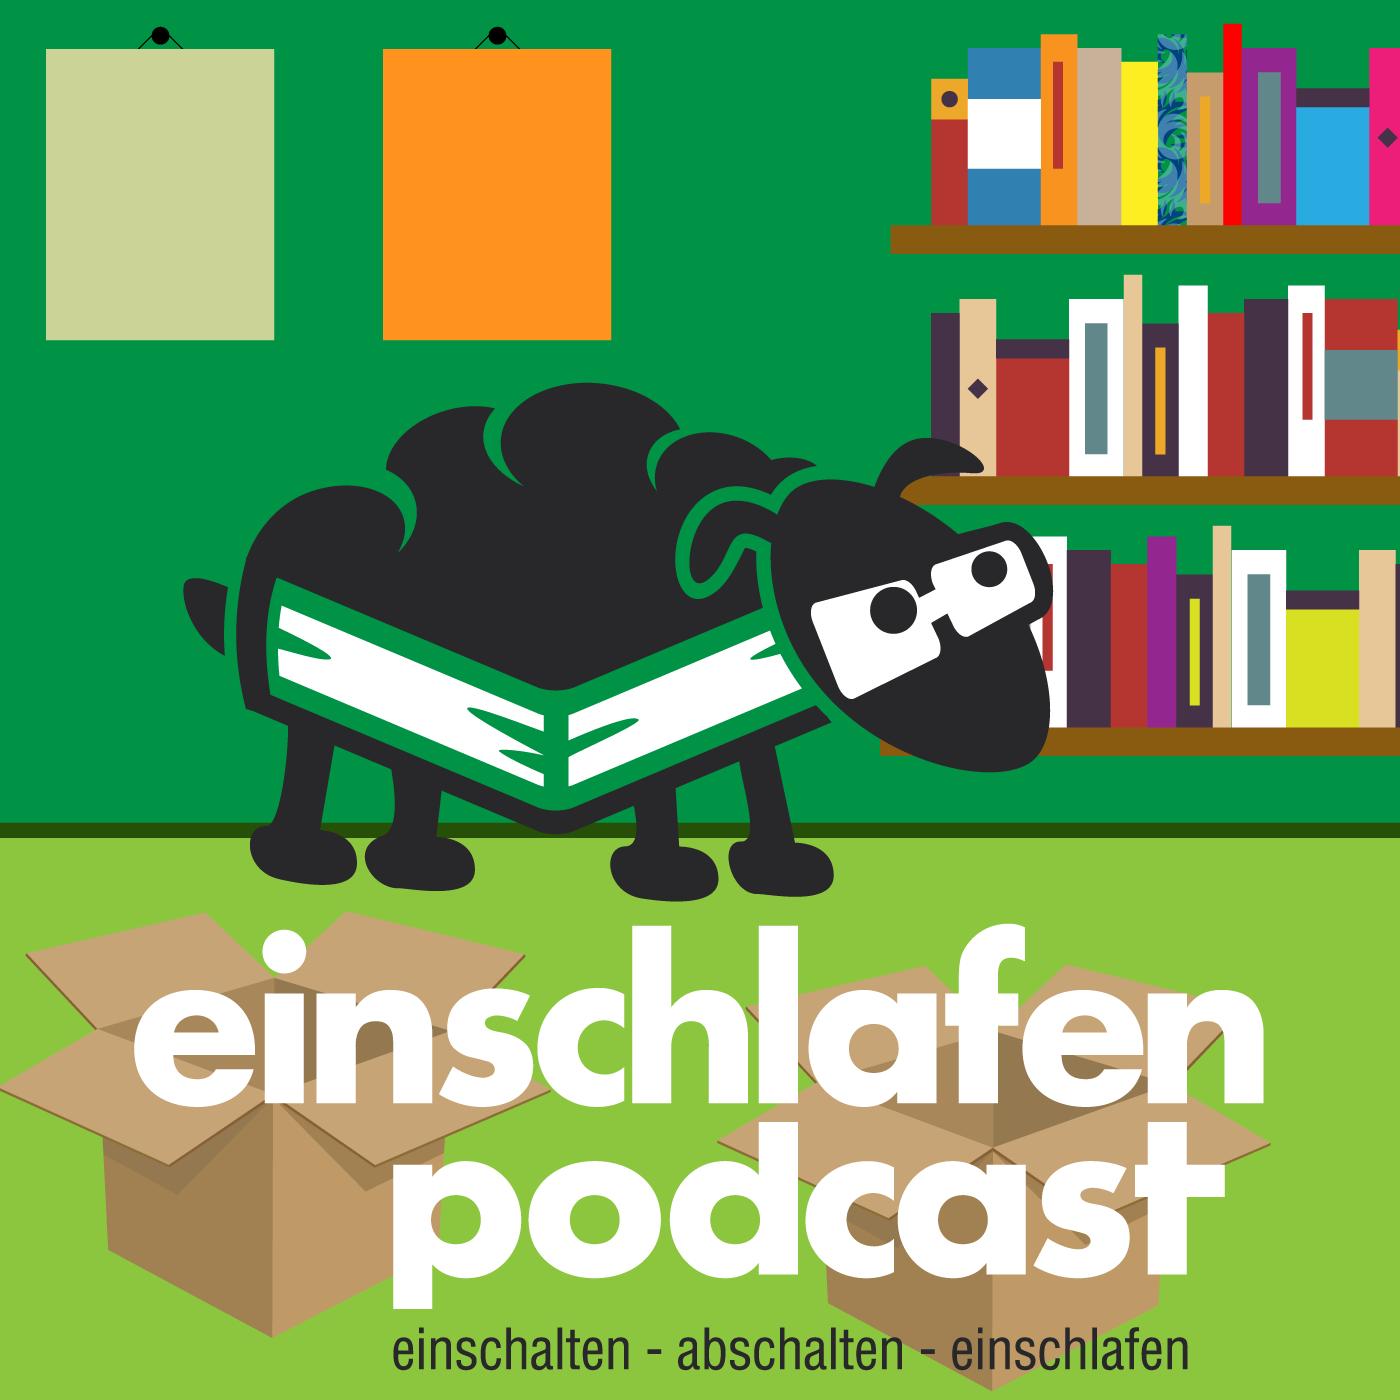 EP 301 - Bücher ausmisten und Sherlock Holmes - Episodenbild